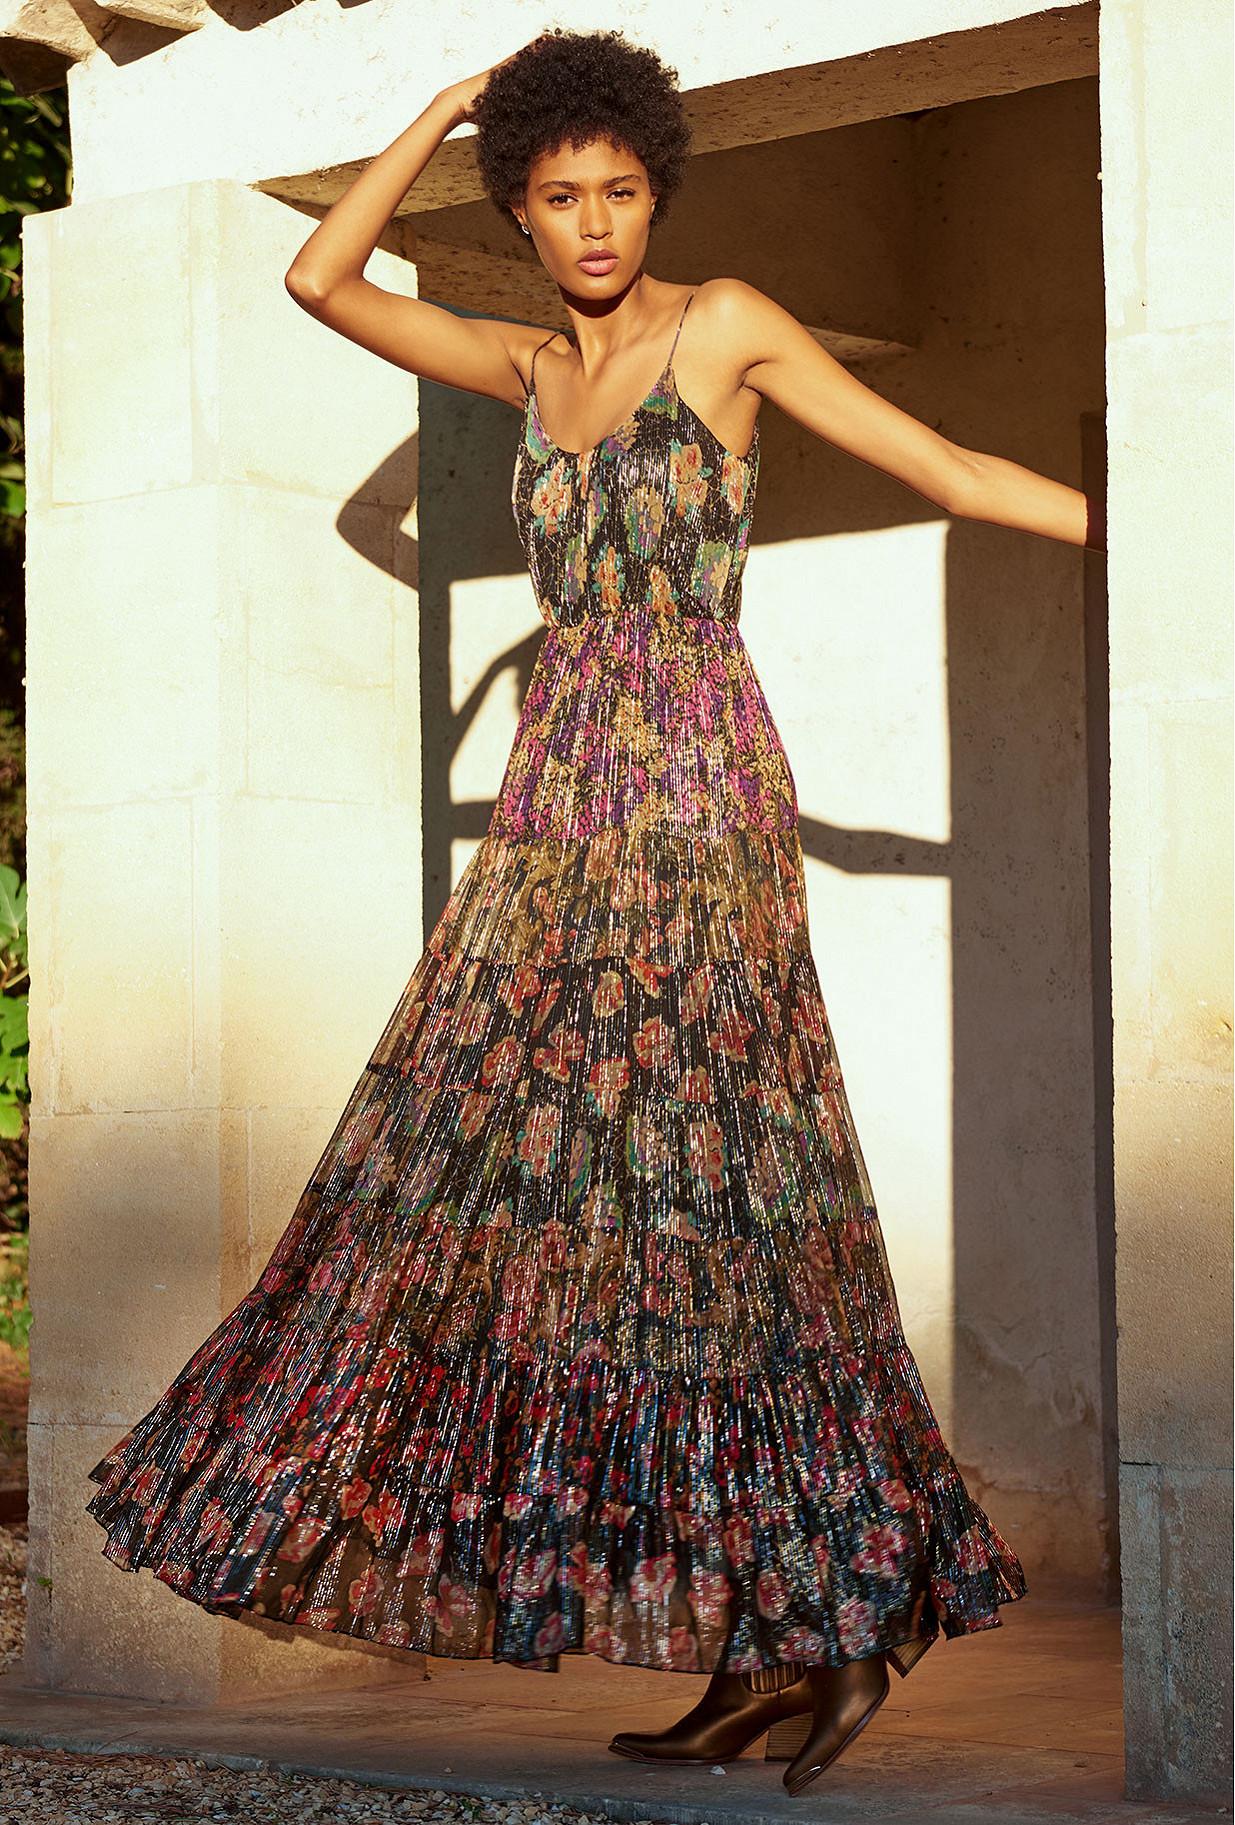 Paris boutique de mode vêtement Robe créateur bohème  Fabuleuse